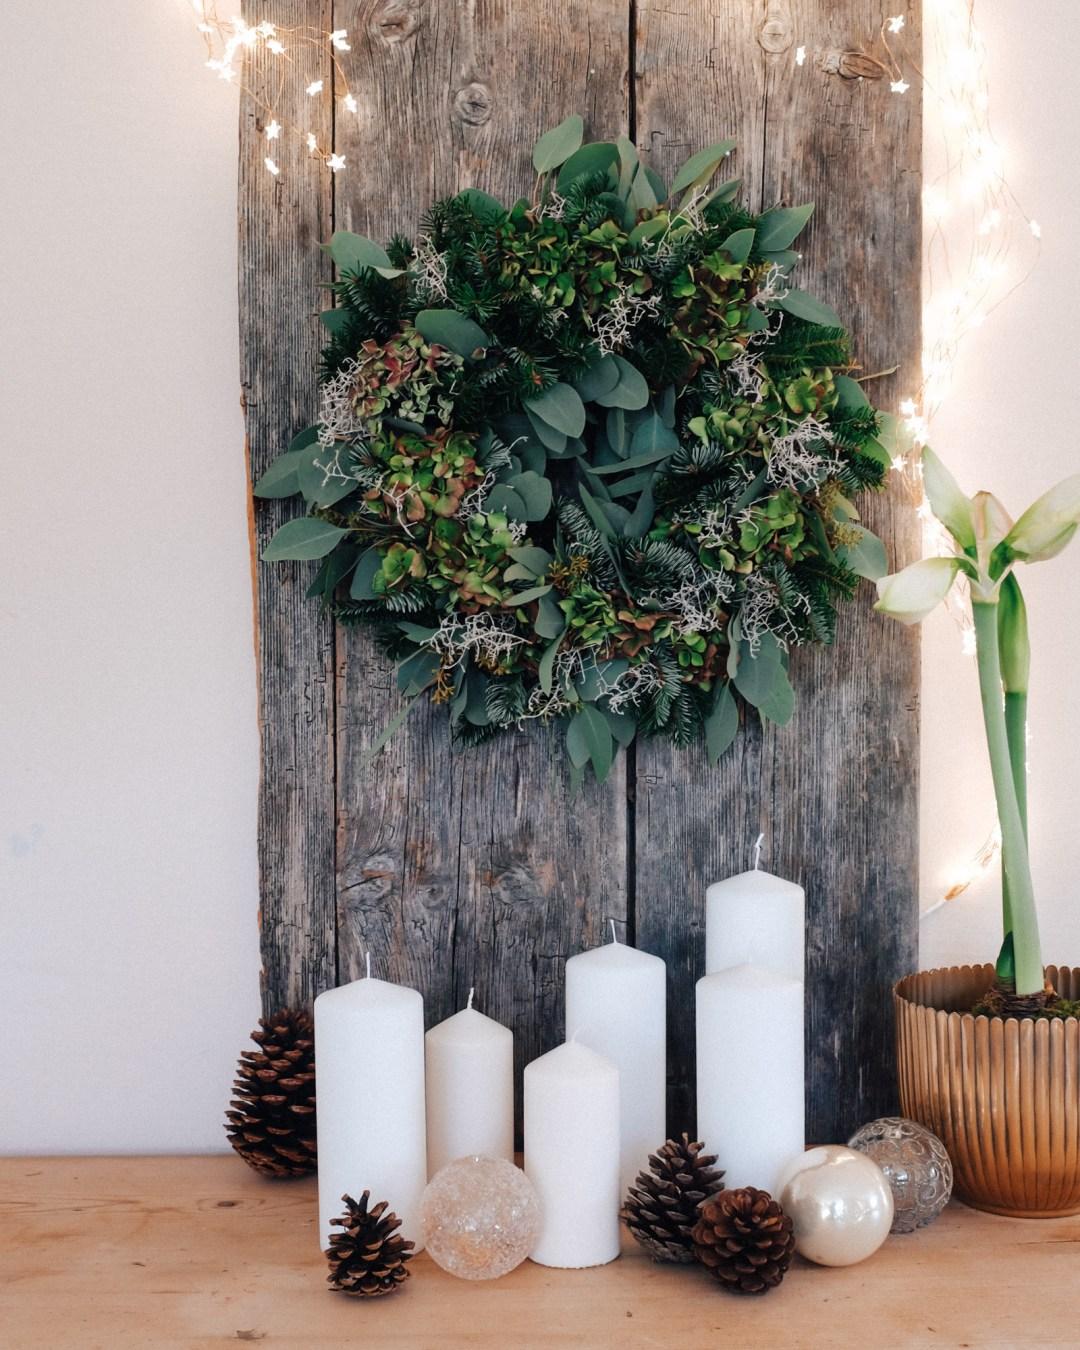 ina stil inastil bluntautal winterstimmung decoration weihnachten salzburgerland winterspaziergang homedecoration winterwalk christmasdecoration christmaswreath eukalyptuskranz hortensienkranzDSCF0562